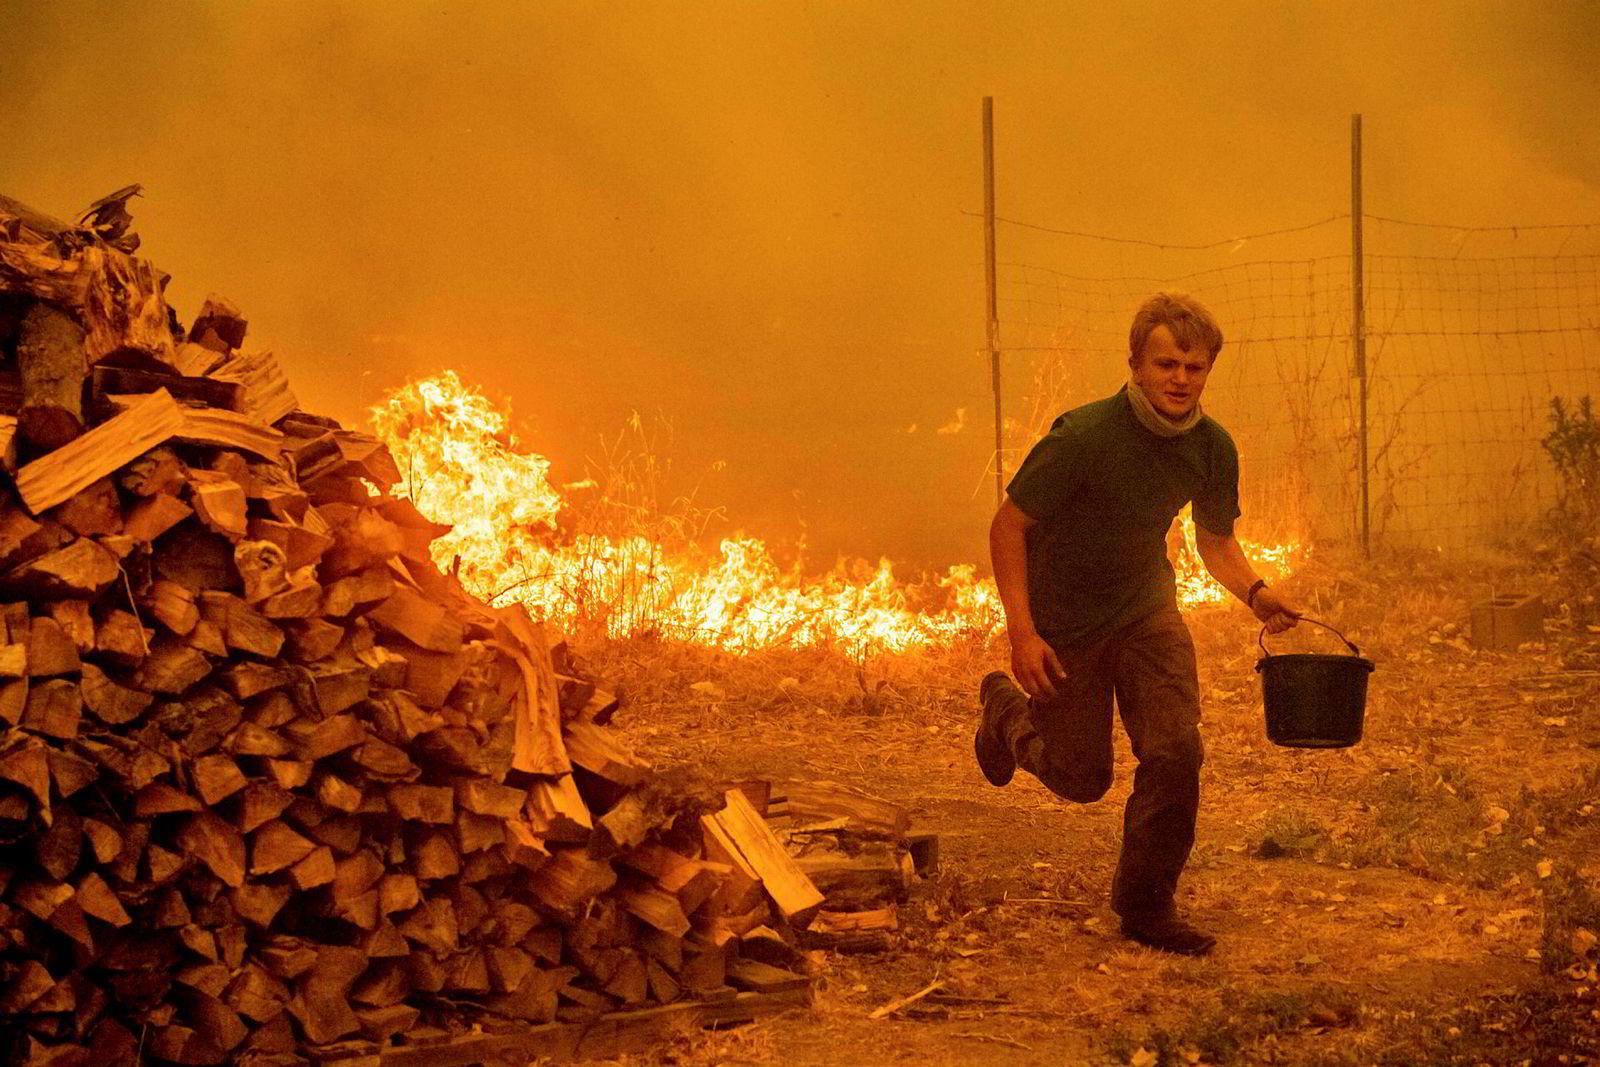 Alex Schenk bærer en bøtte med vann mens han kjemper mot flammene fra Ranch-brannen som er i ferd med å sluke huset hans nær Clearlake Oaks i California. Ranch-brannen er den ene av to branner som utgjør Mendocino-komplekset, den største skogbrannen i Californias historie.